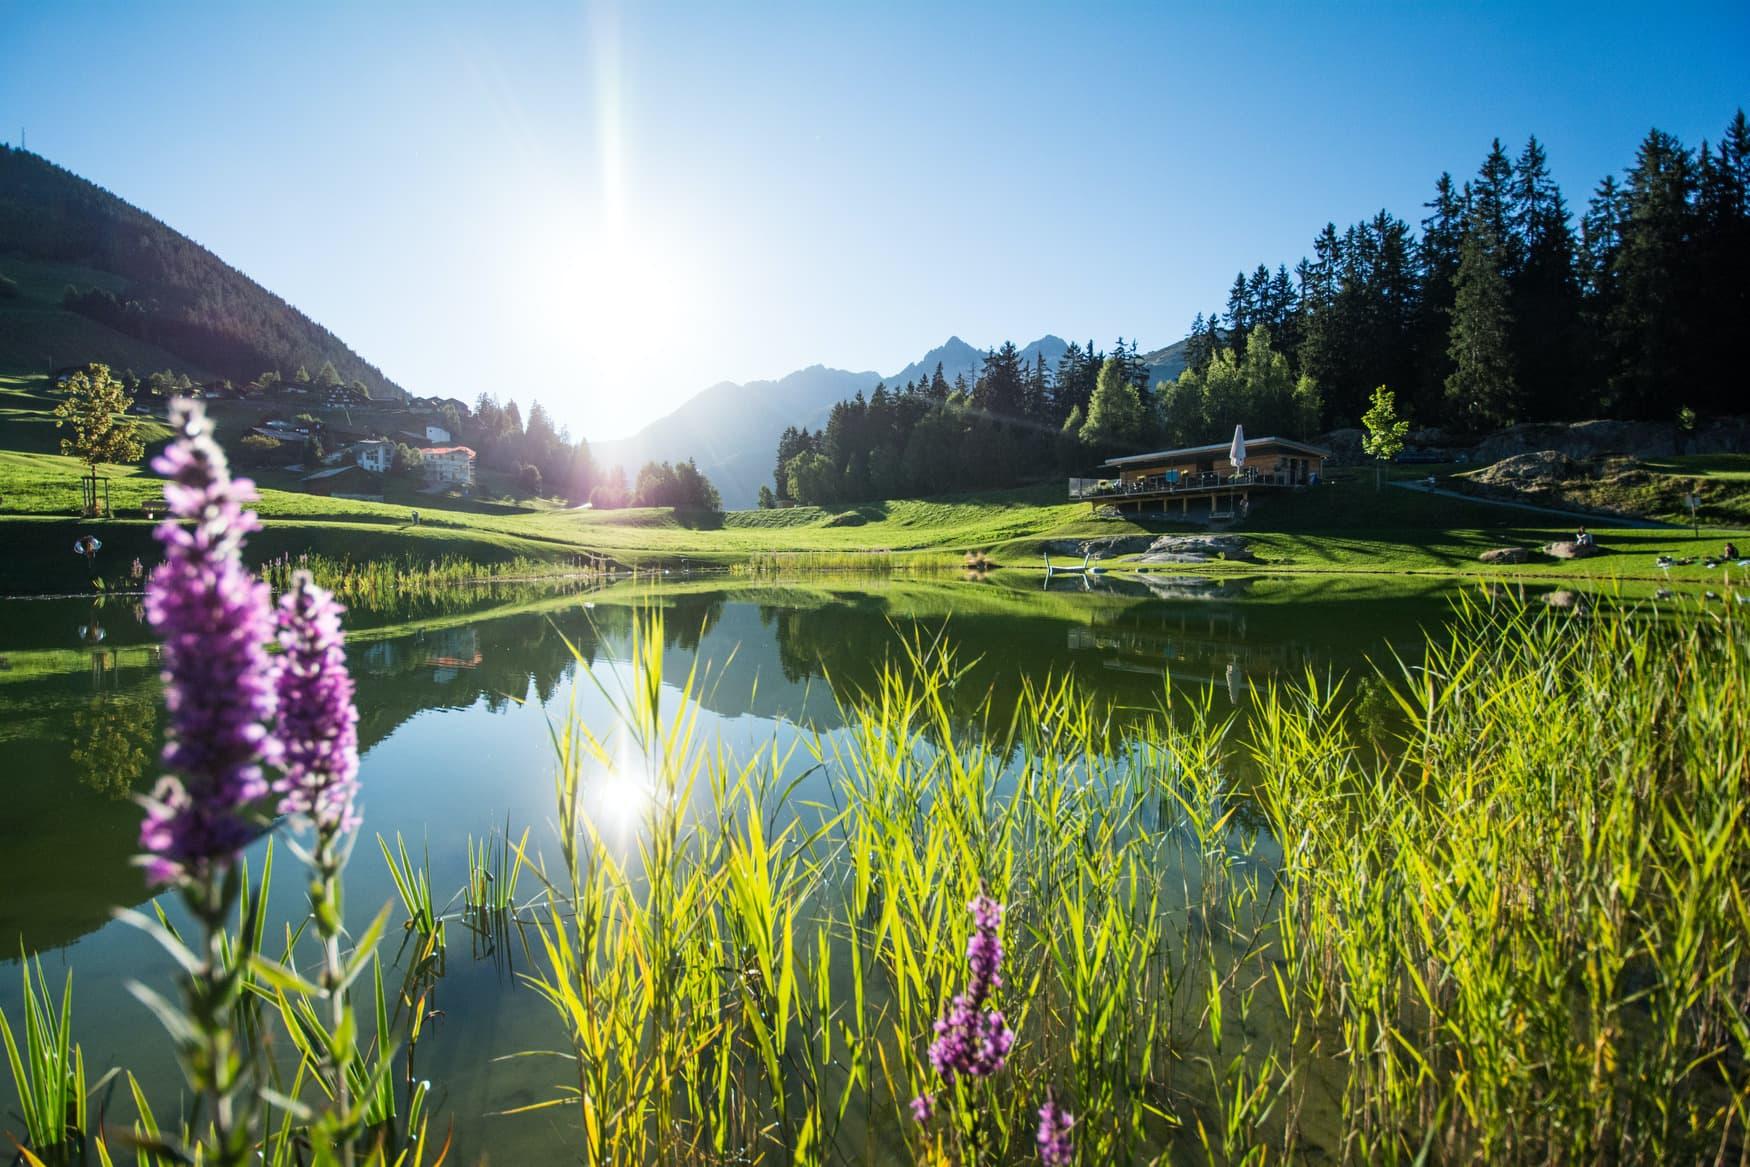 Sonnenschein über dem Lag da Claus in Graubünden